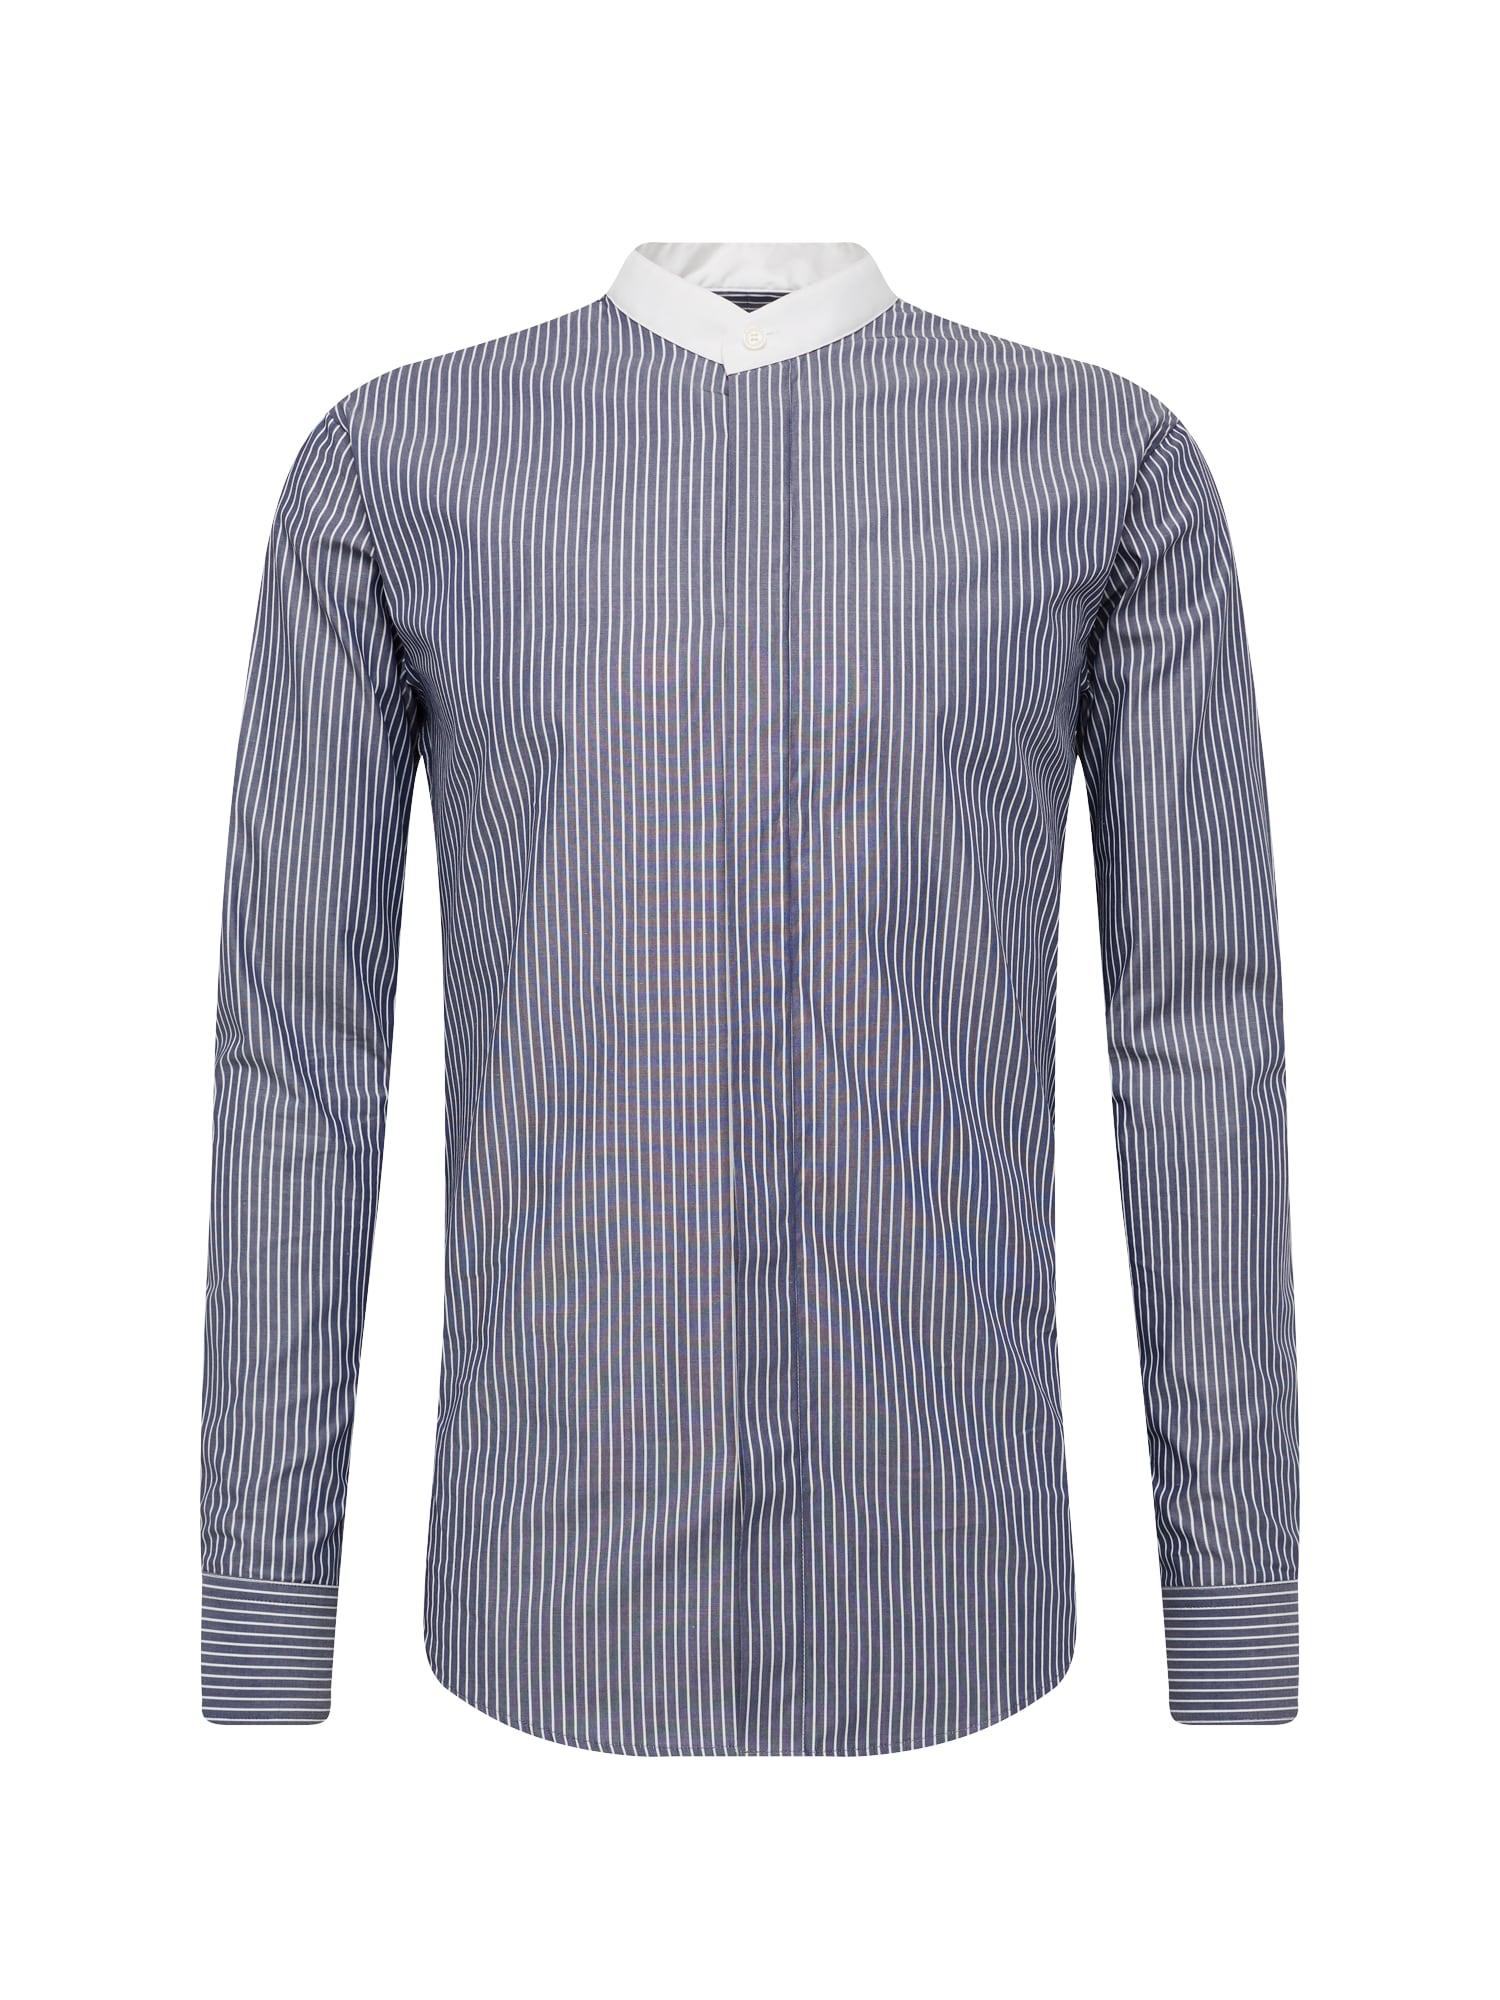 Košile FORWARD námořnická modř bílá Tiger Of Sweden